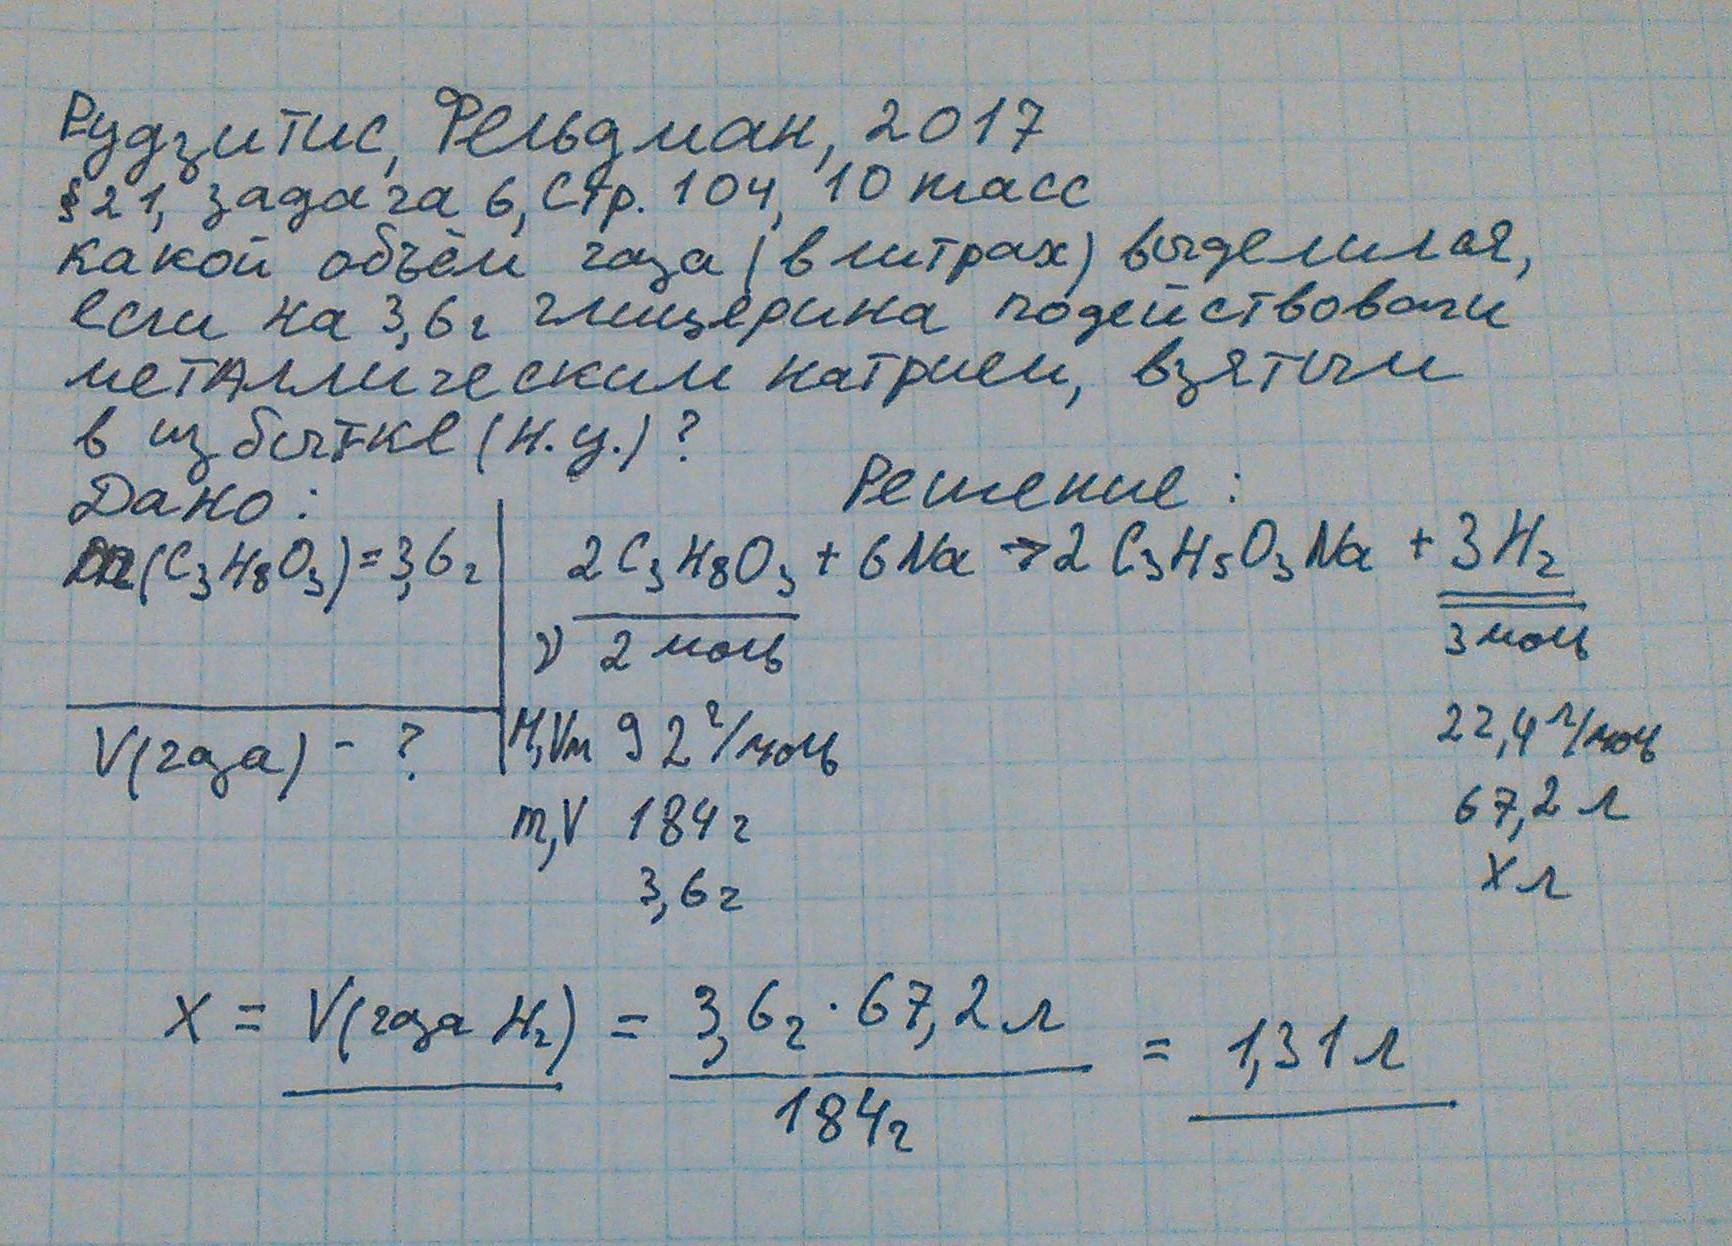 рудзитис задача  6 стр 104 химия 10 кл.jpg